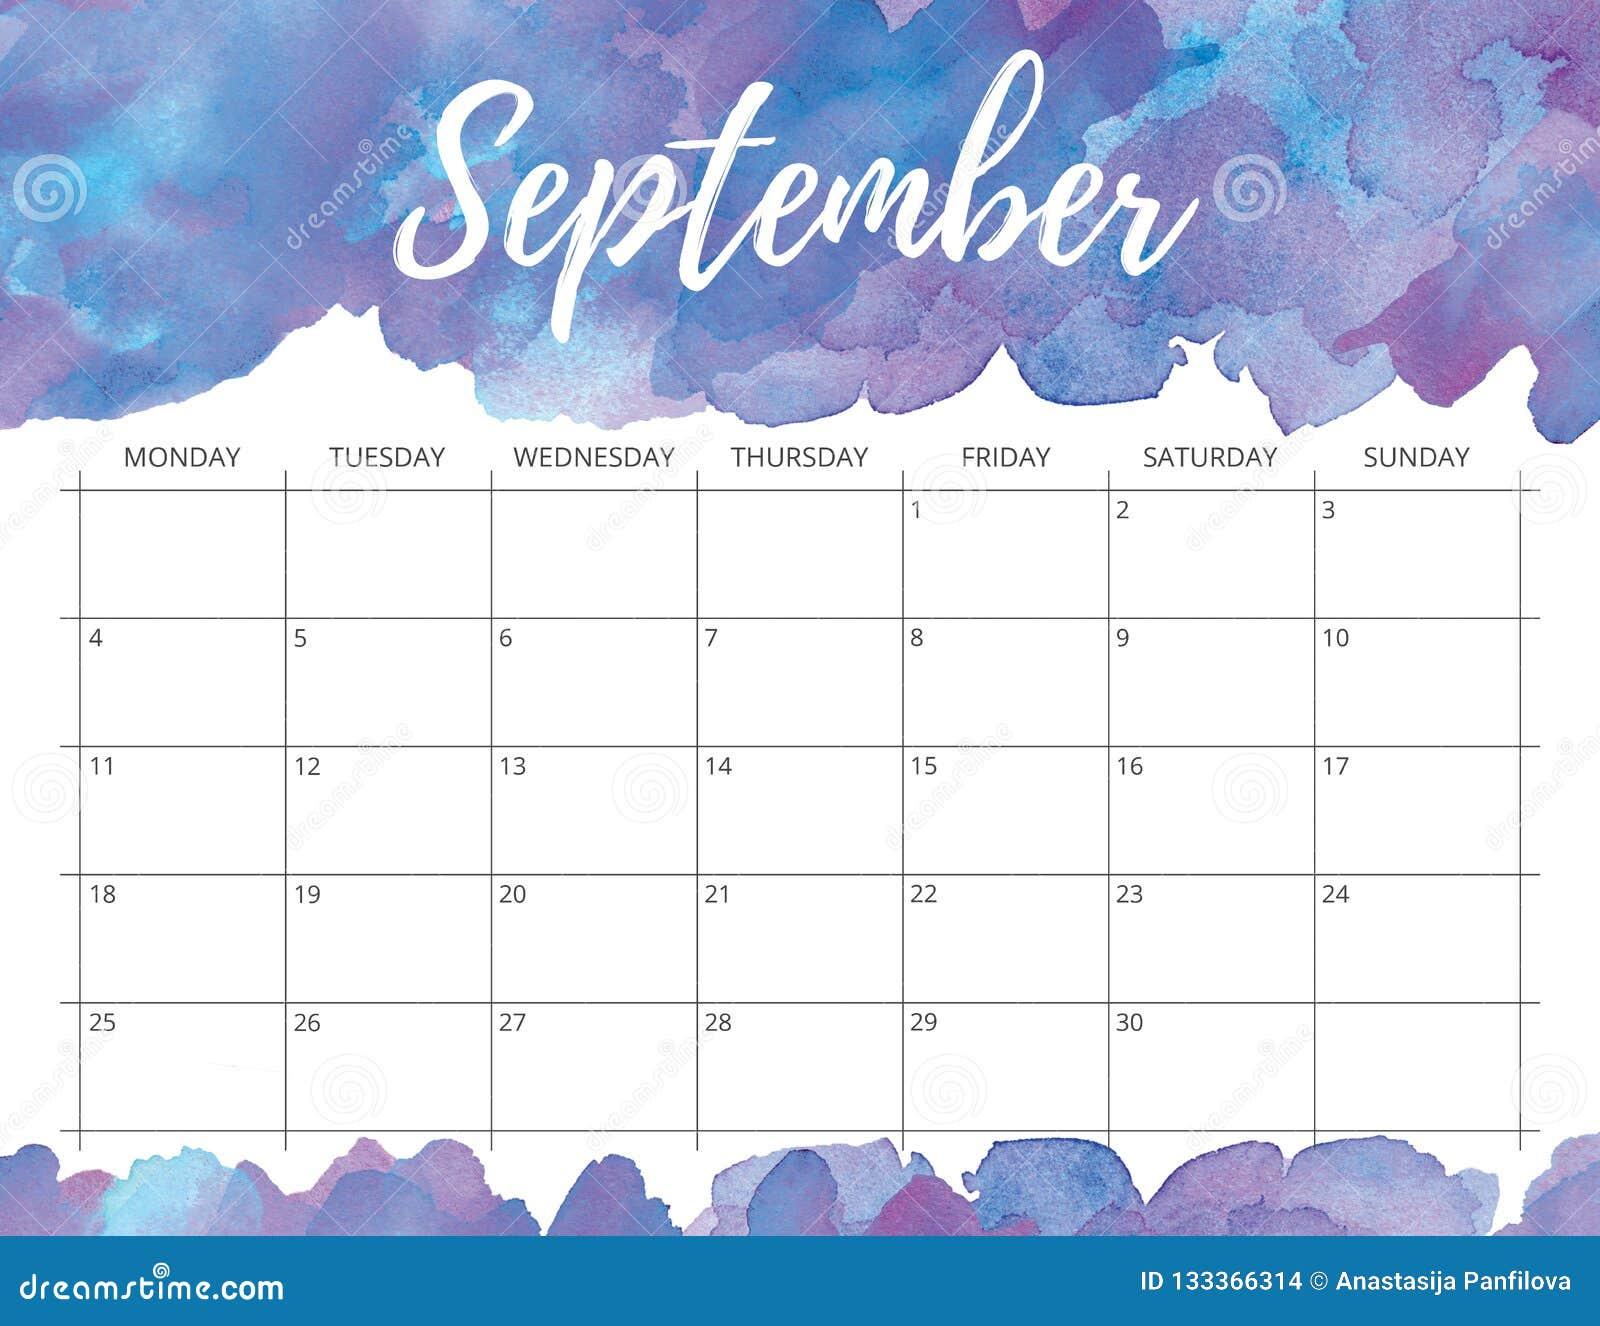 September Calendar.September Watercolor Calendar Stock Illustration Illustration Of